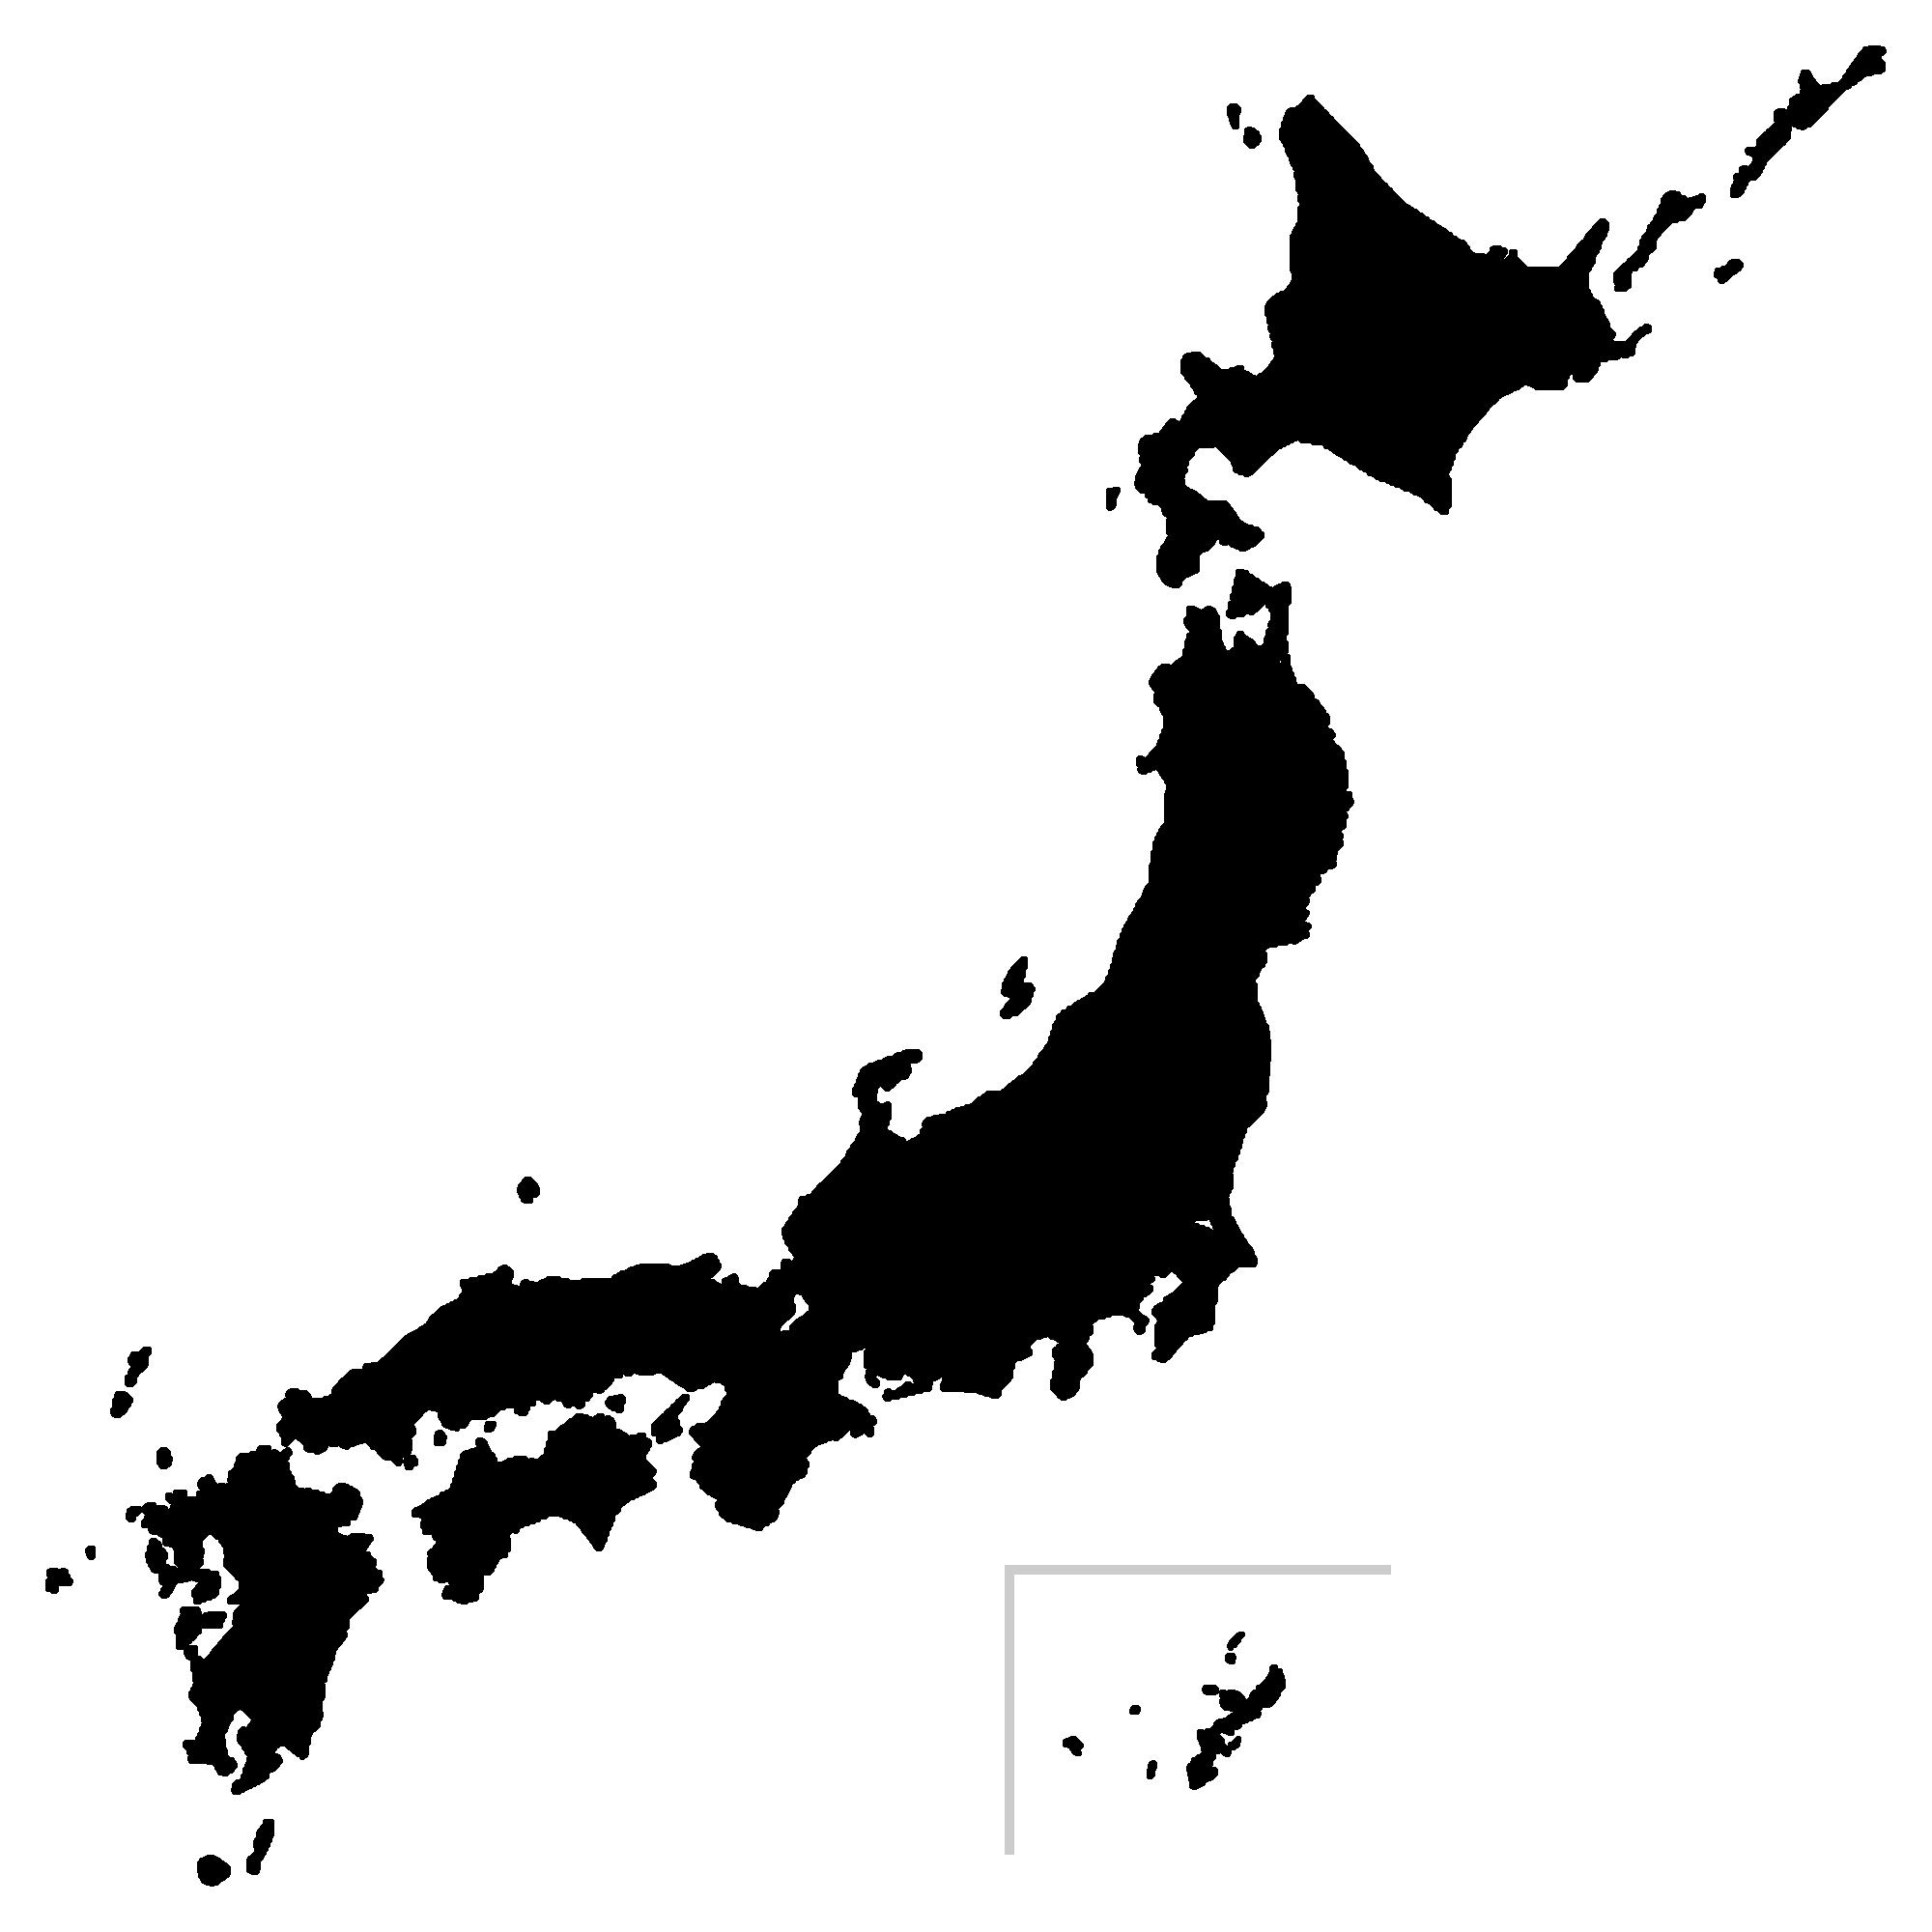 日本地図のシルエット(モノクロ・白黒)イラスト画像